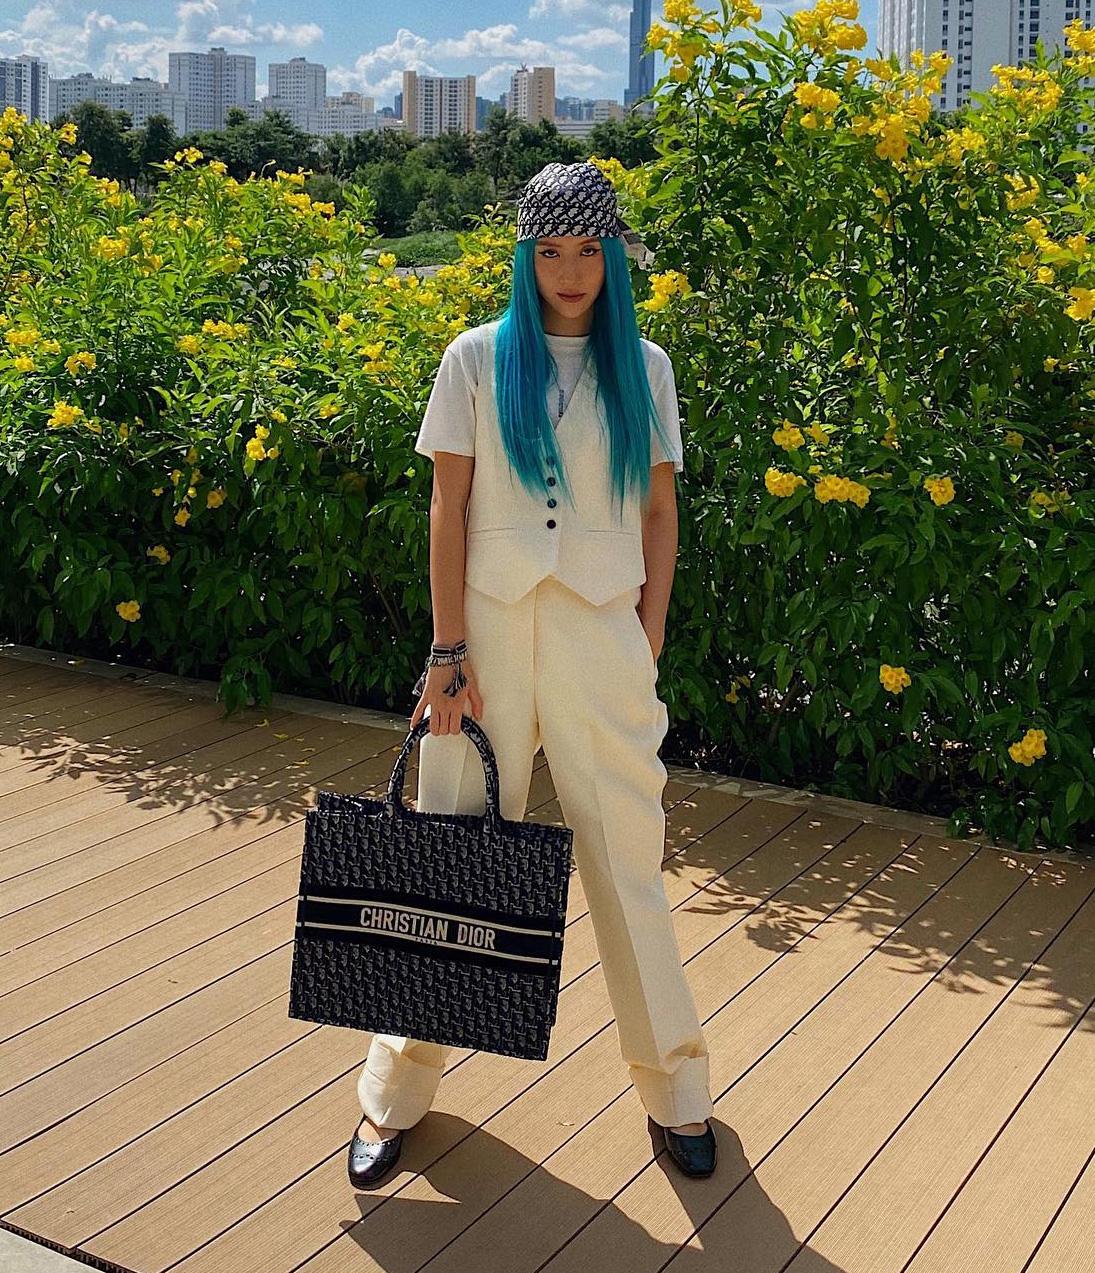 ... và Quỳnh Anh Shyn. Hai nàng fashionista có cách diện tương tự nhau khi đồng loạt tạo điểm nhấn với khăn trùm đầu như cướp biển.